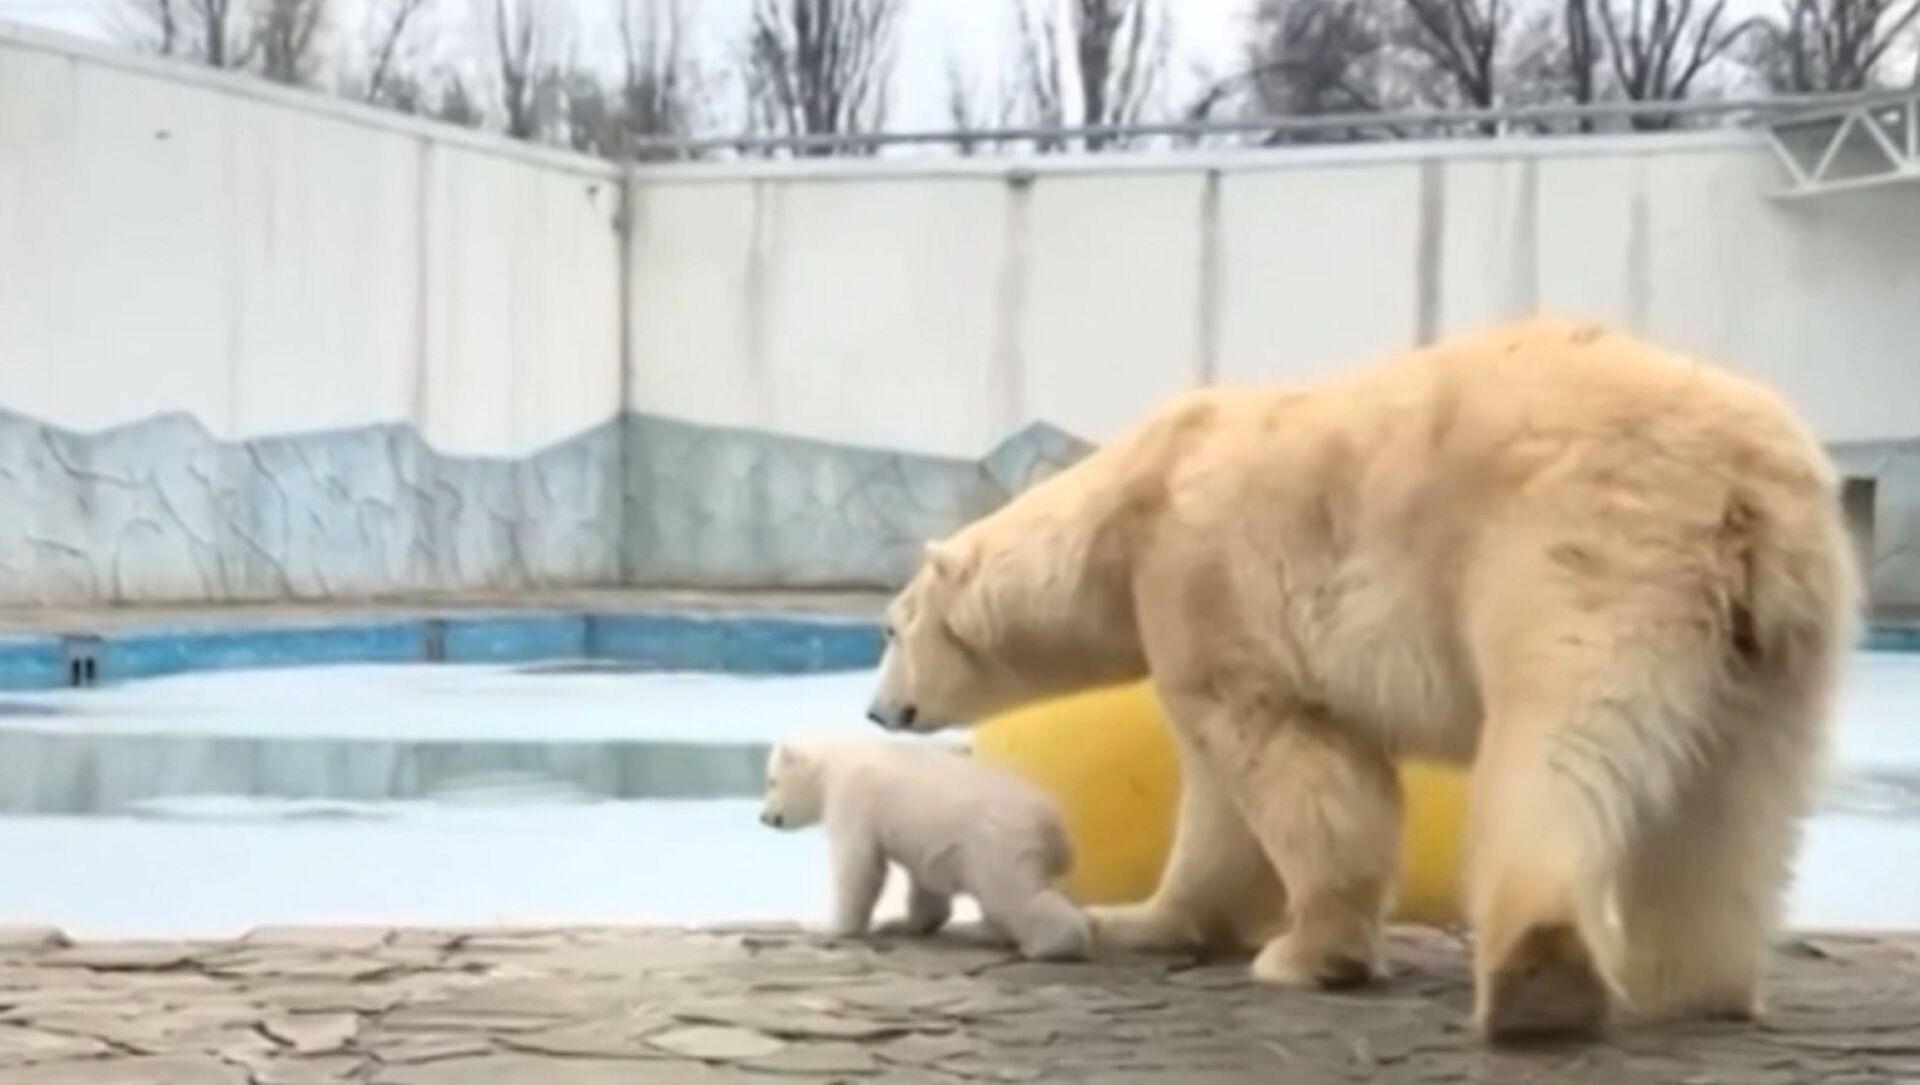 Primi passi: la mamma orso porta il cucciolo a fare una passeggiata per la prima volta - Sputnik Italia, 1920, 04.03.2021